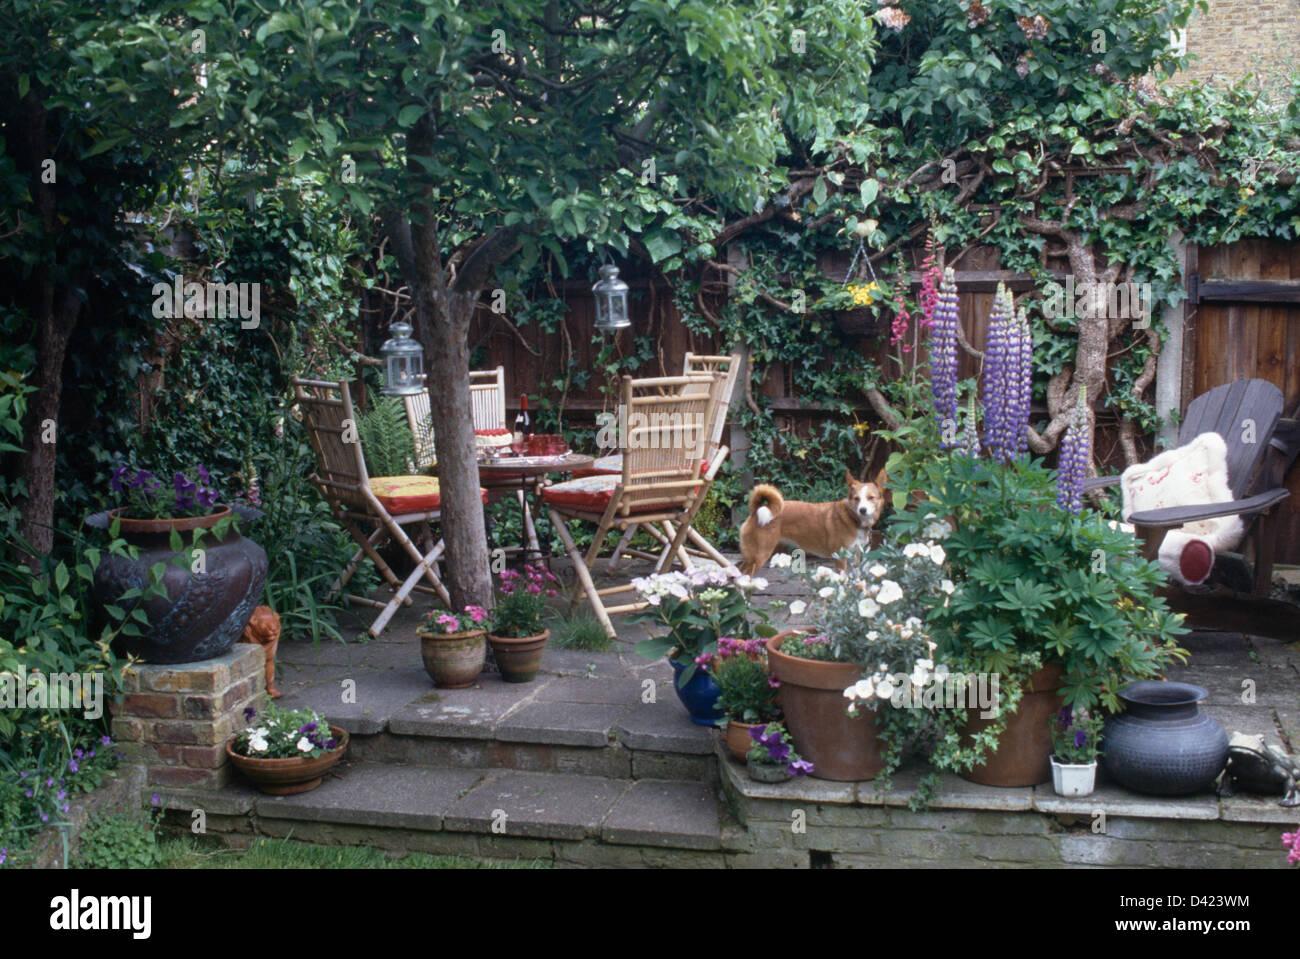 Reihenhaus Garten Mit Bluhenden Pflanzen In Topfen Und Blauen